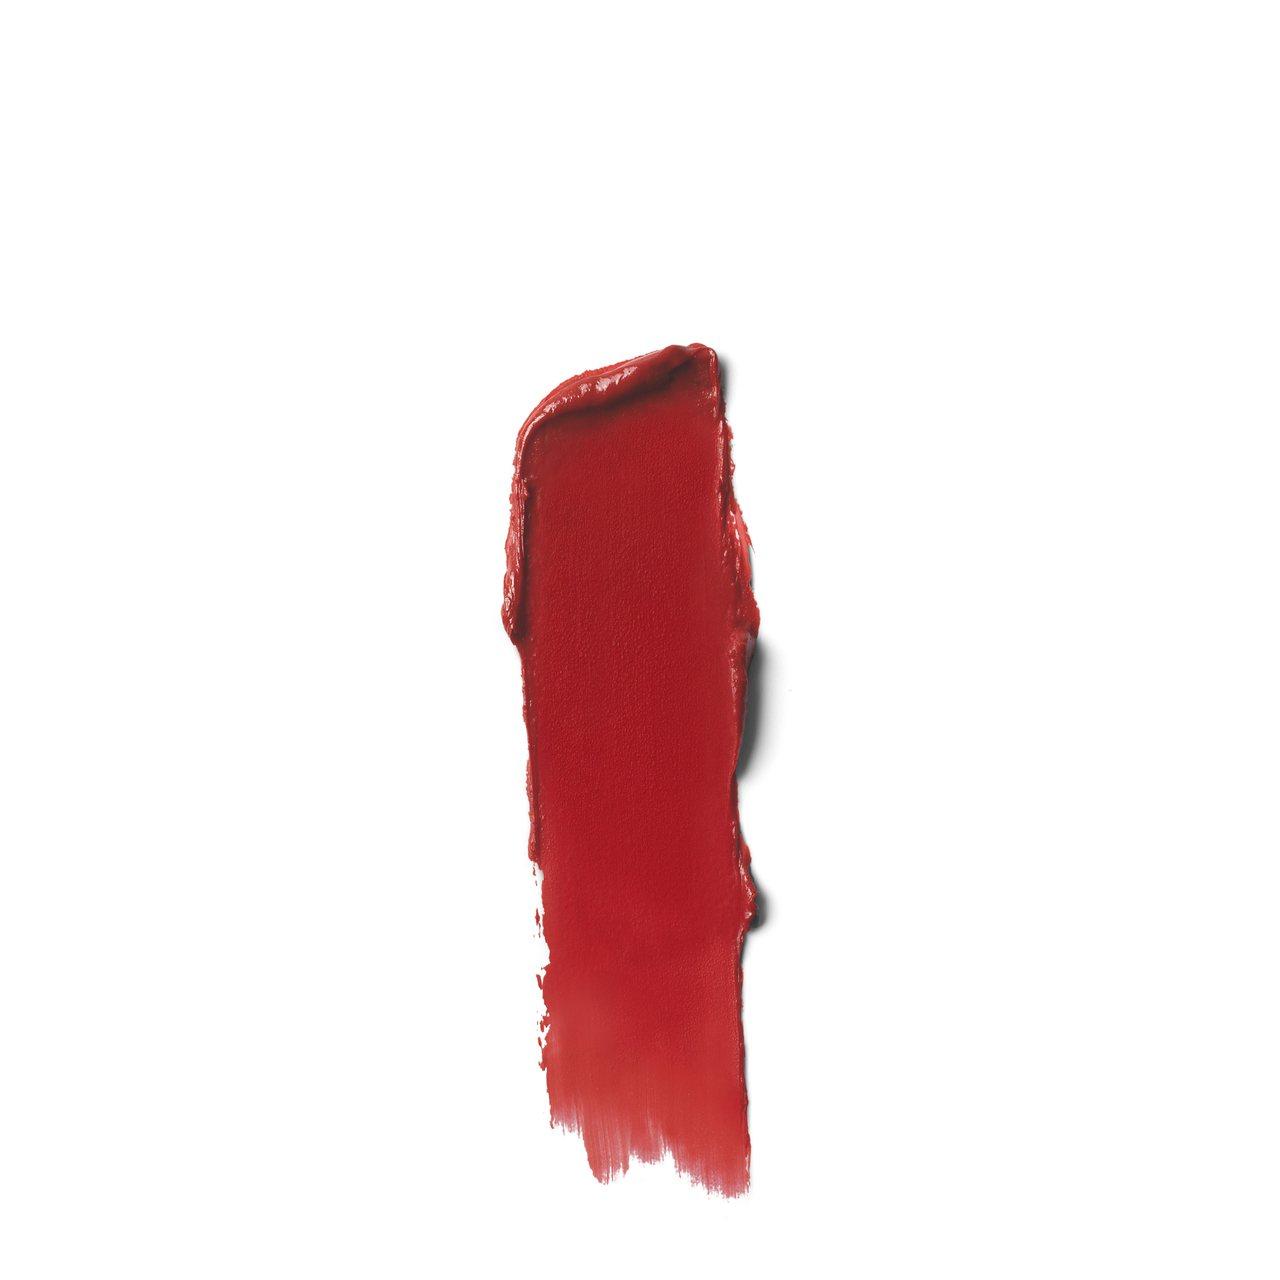 保濕水潤效果Rouge à Lèvres Voile(瑩潤光澤)。圖/Gucci...